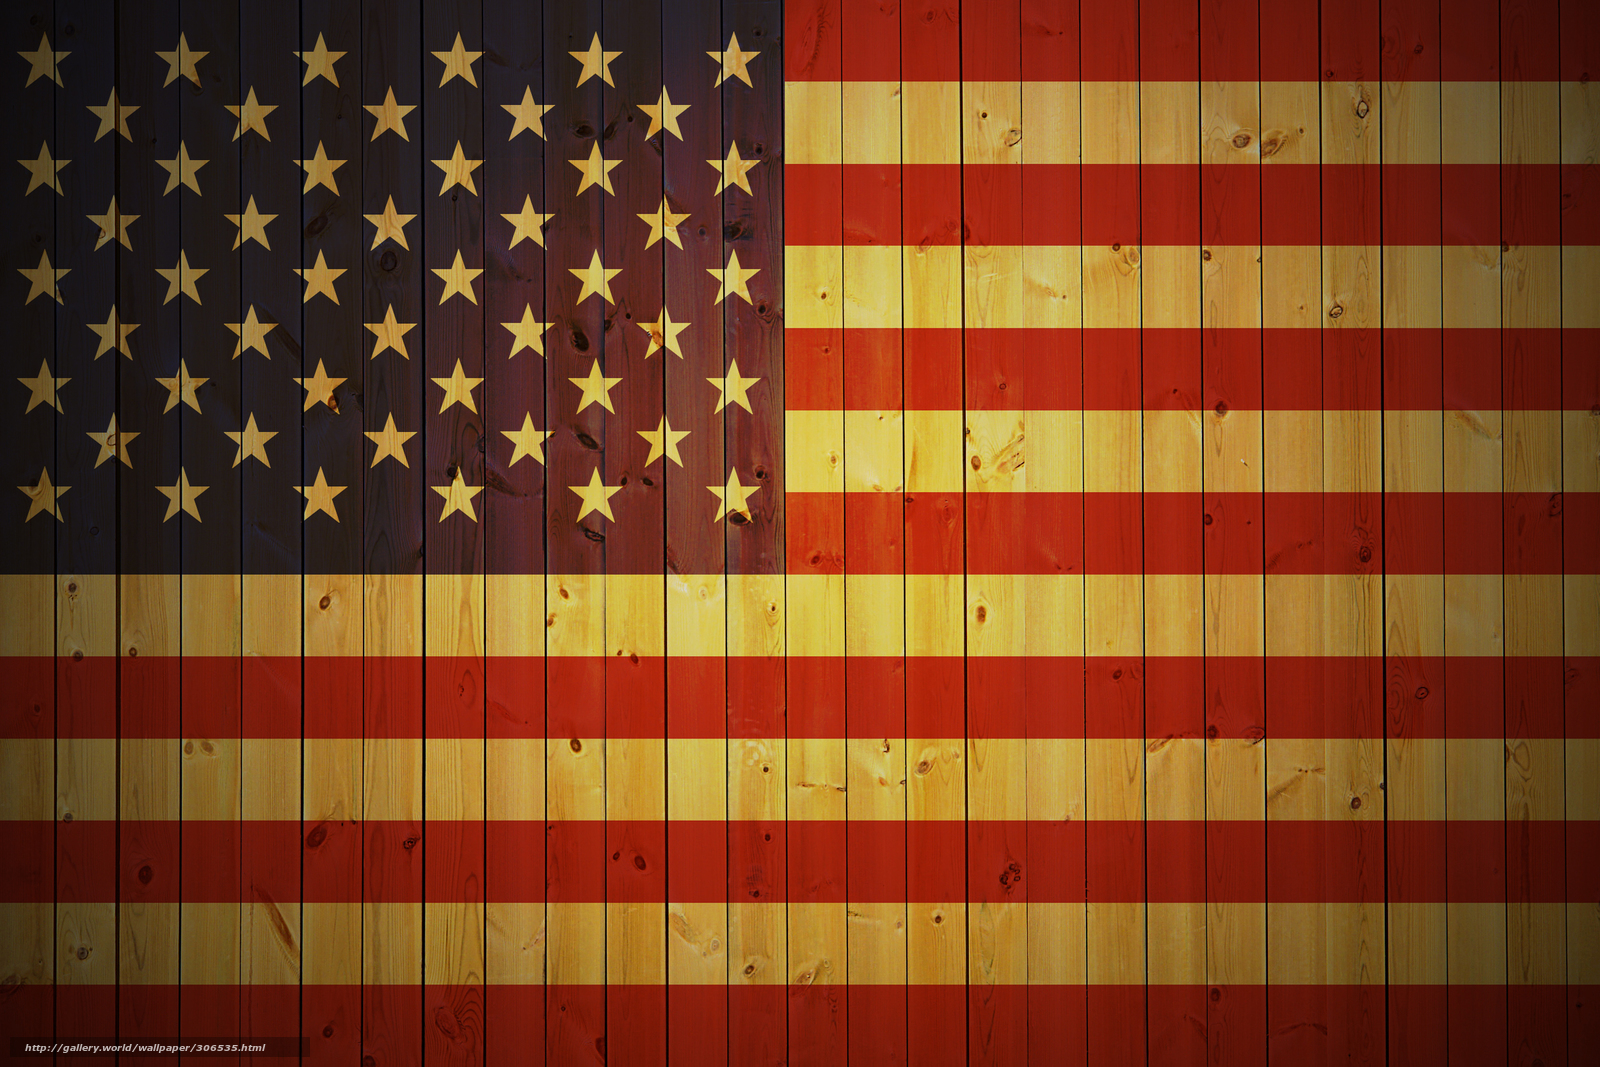 Tlcharger fond d 39 ecran style voir drapeau largeur fonds for Fond decran styler